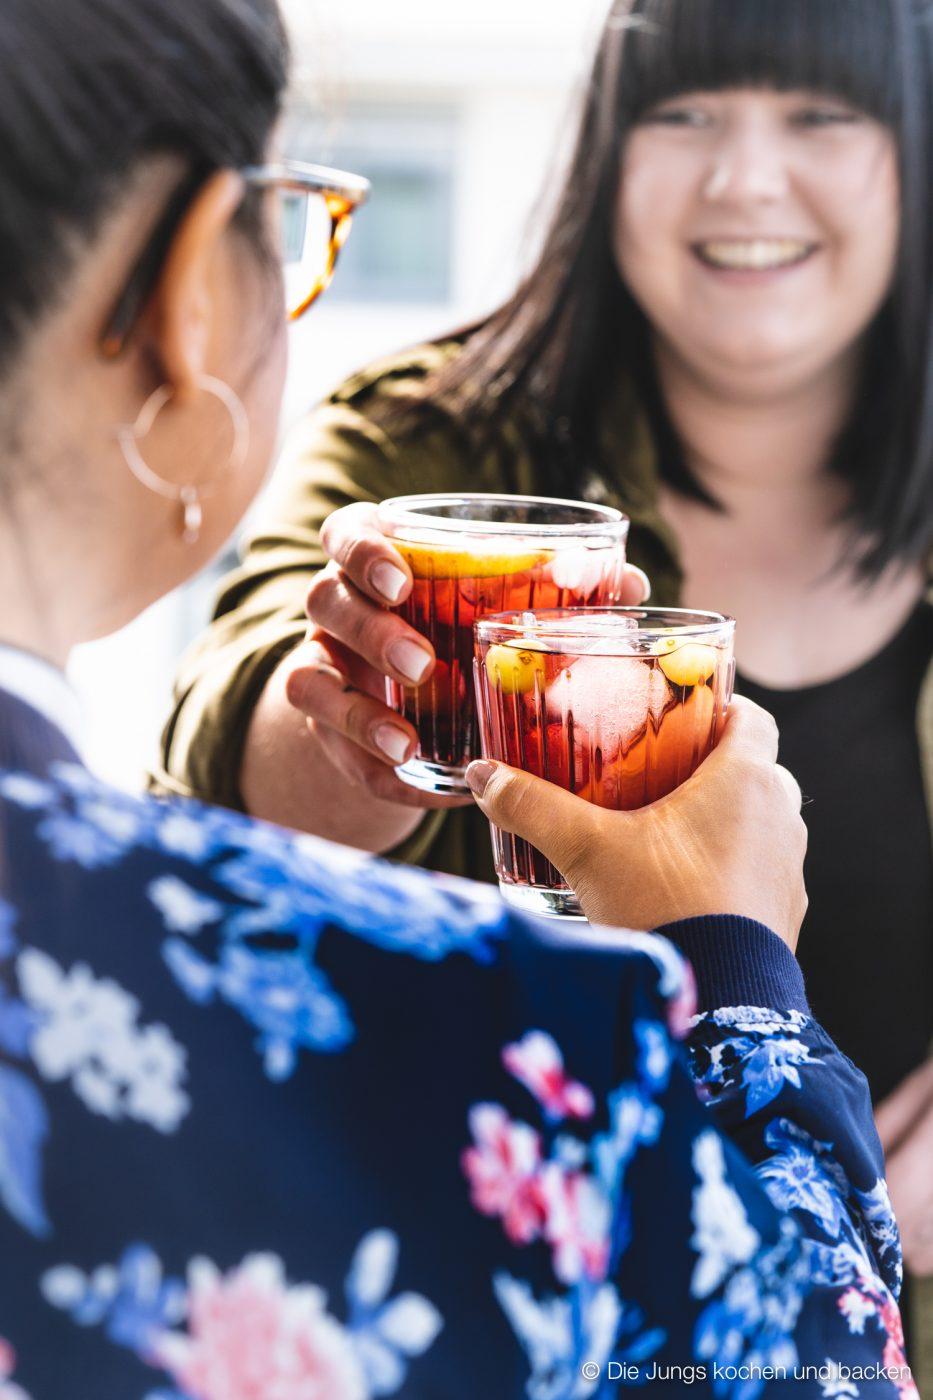 Bowle Saft 13 | Heute haben wir eine wunderbar fruchtige Bowle für euch dabei! Gerade an den warmen Tagen ist man doch für jede Abkühlung dankbar, oder? Aber warum irgendetwas trinken?! Eine erfrischende, alkoholfreie Bowle bringt euch perfekt durch den Tag. Deswegen solltet ihr unbedingt unsere Apfel-Trauben-Bowle mit Ginger Ale und Holunderbeere probieren.